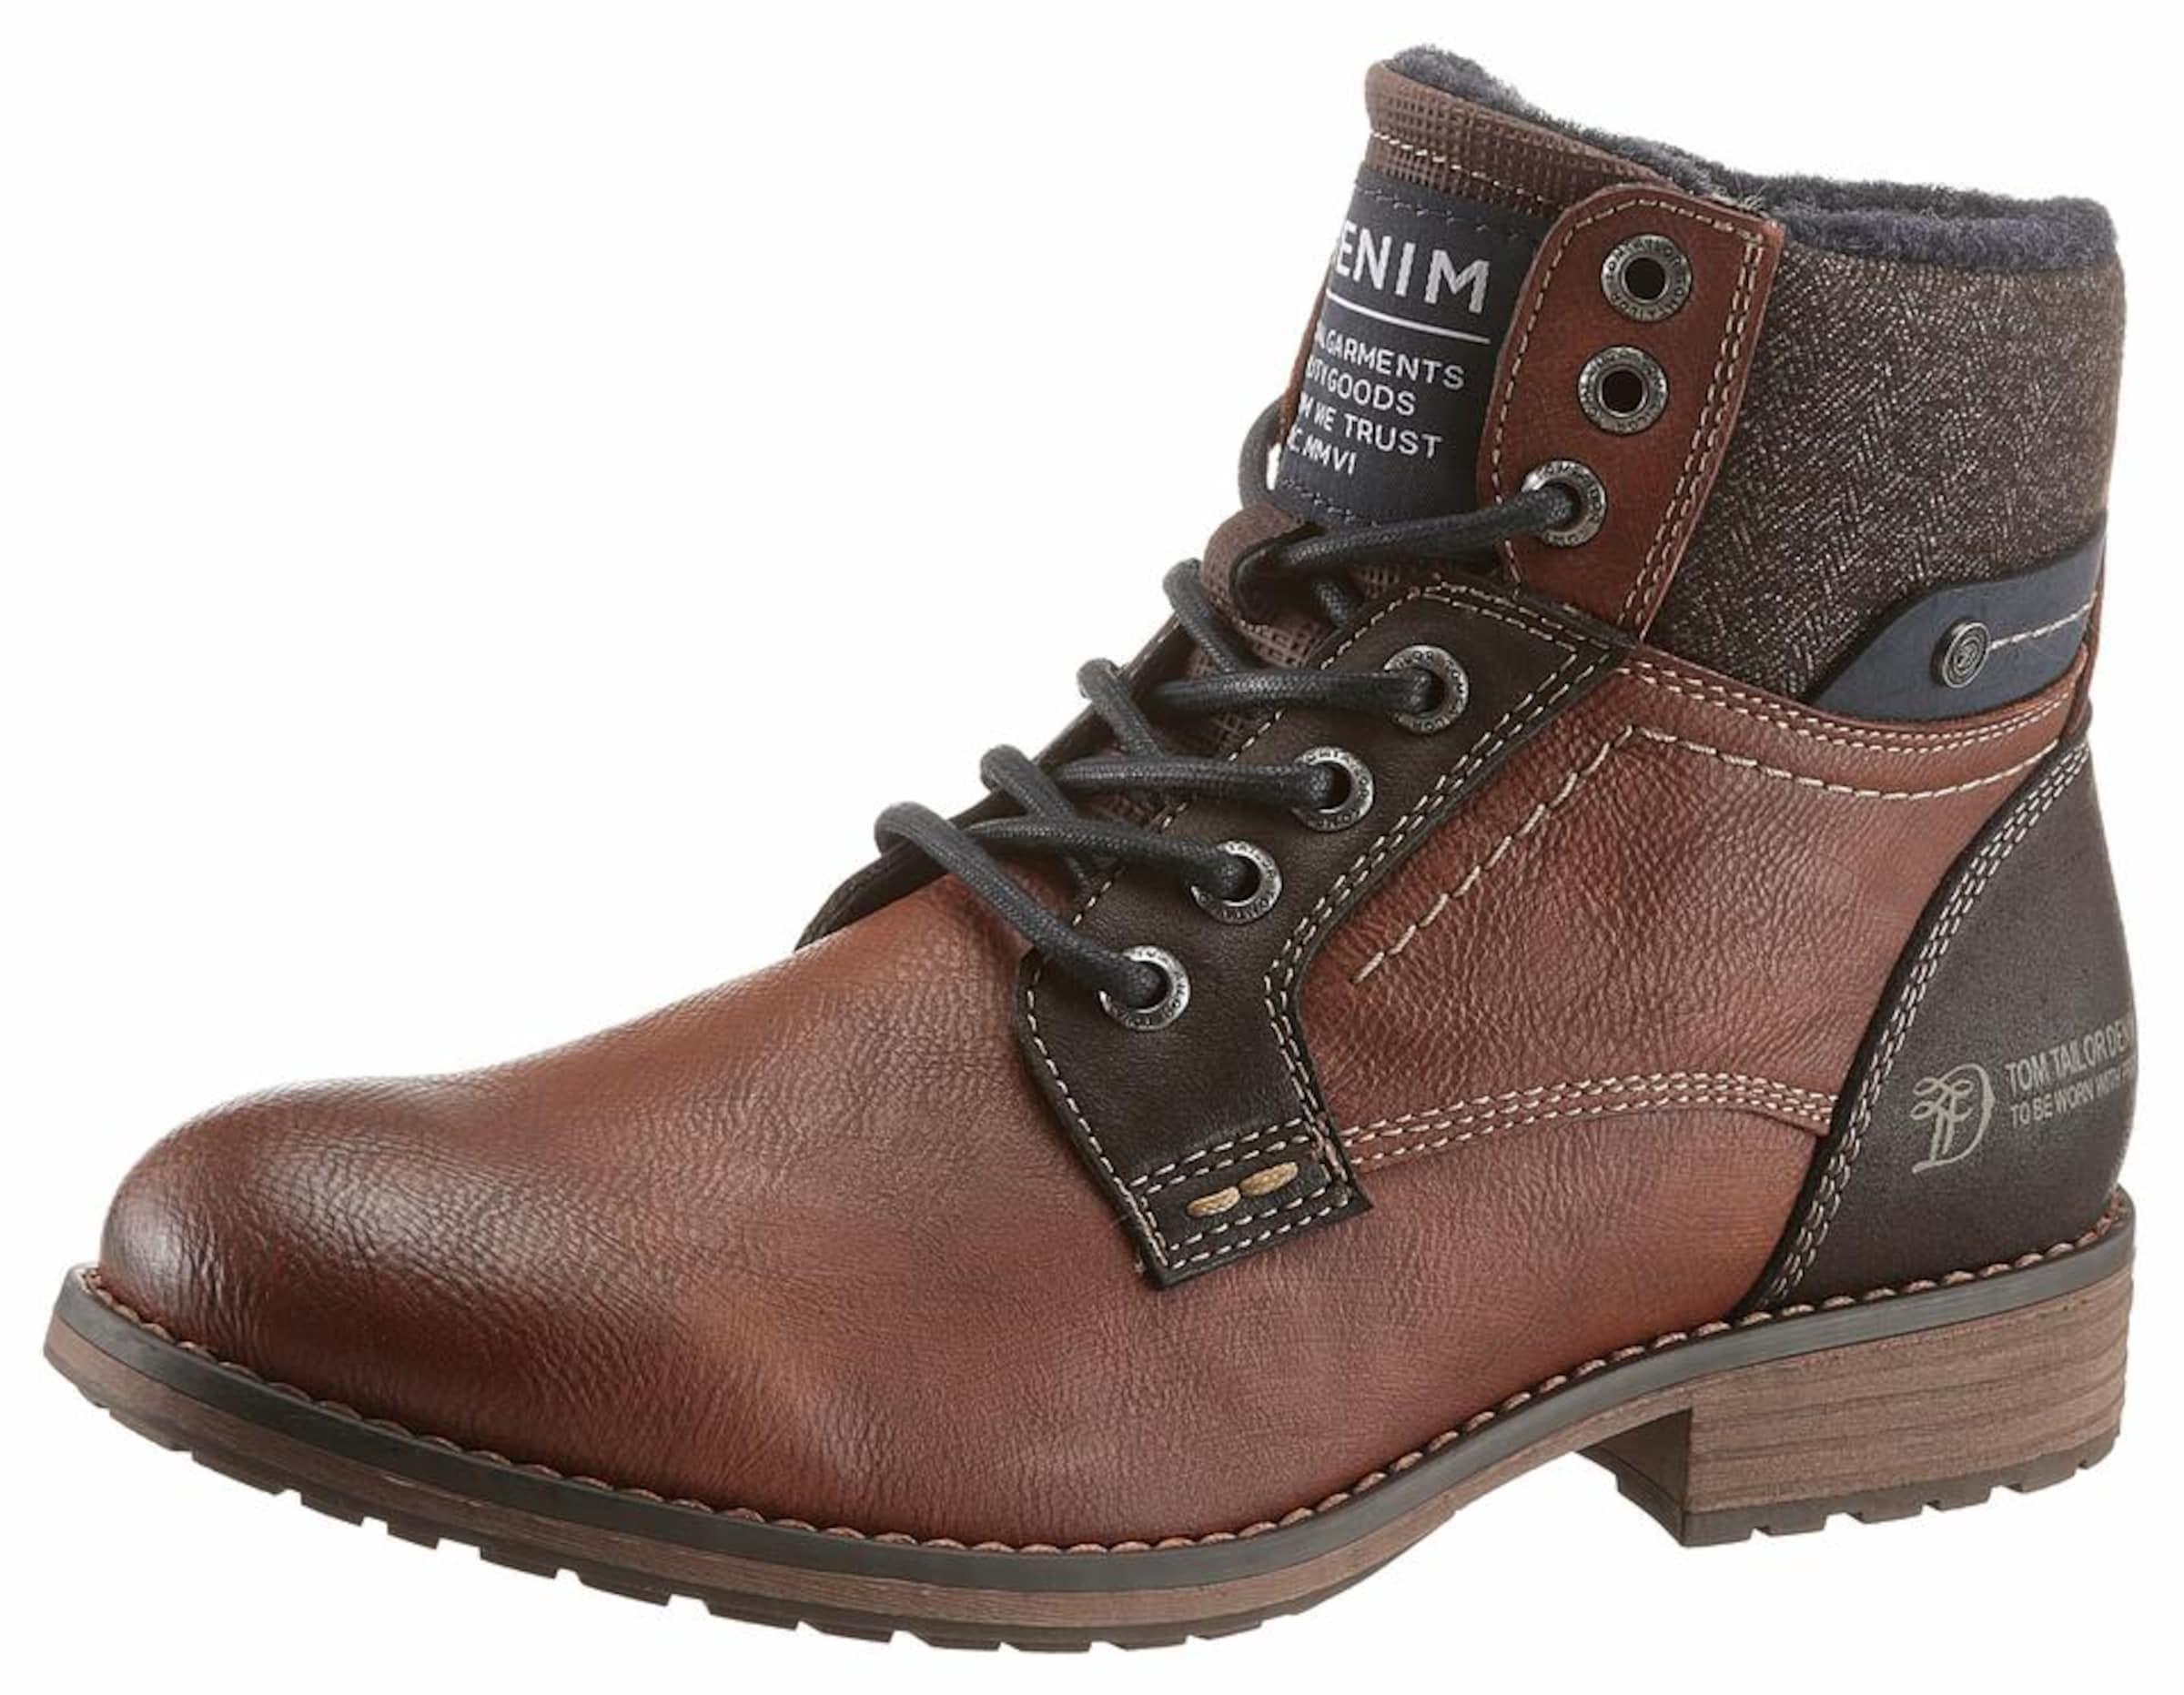 TOM TAILOR Winterstiefel Verschleißfeste billige Schuhe